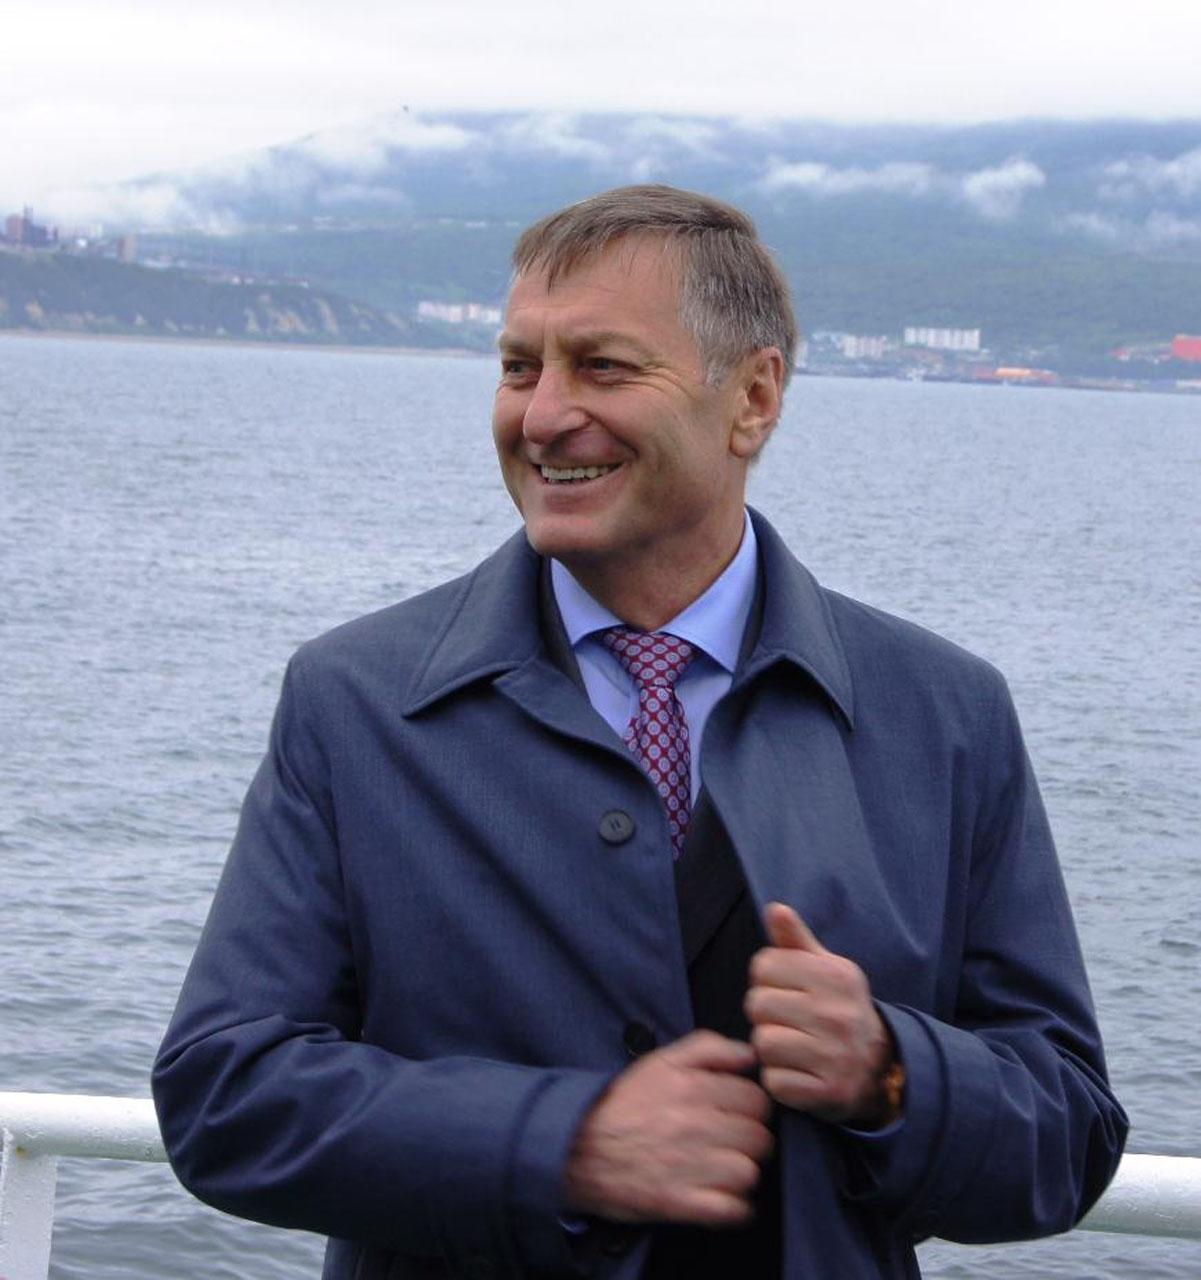 Генеральный директор ООО «Тихоокеанская рыбопромышленная компания» и ООО «Маг-Си Интернешнл» Михаил Котов.